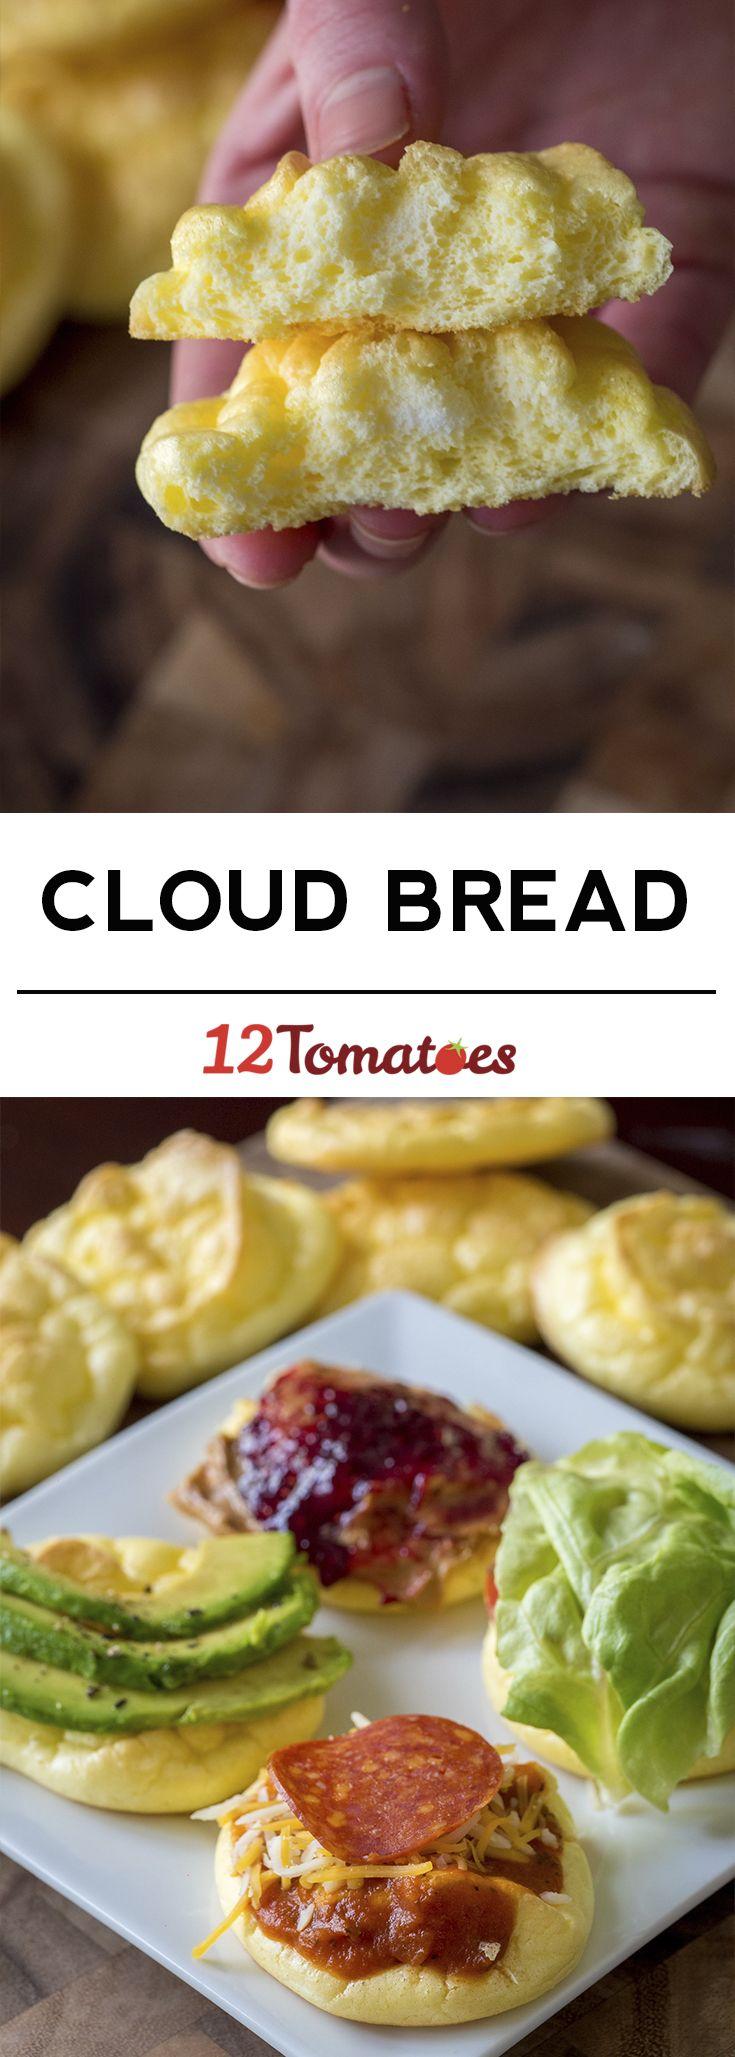 keto cloud bread 3 ingredients